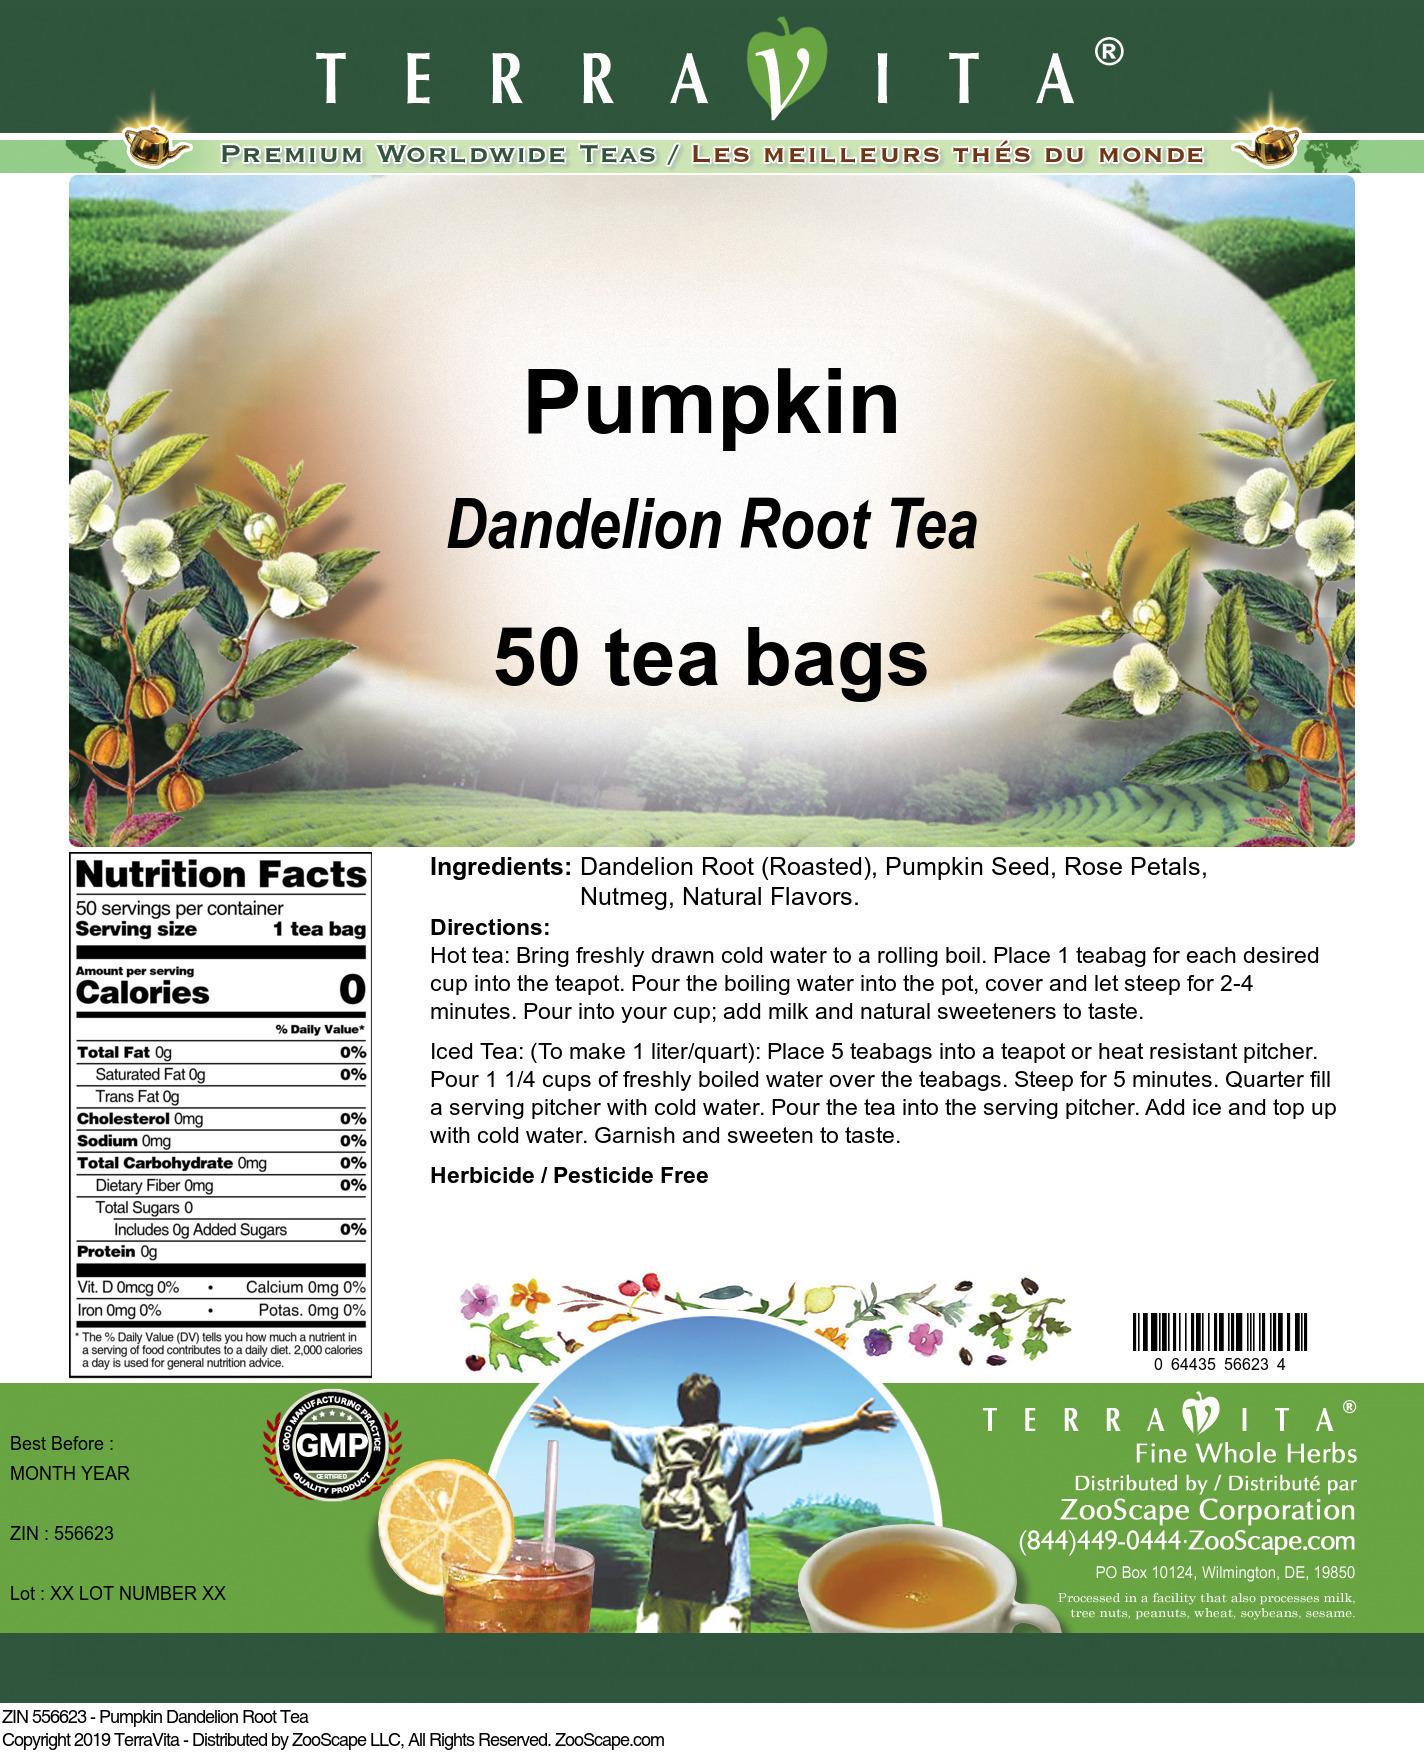 Pumpkin Dandelion Root Tea